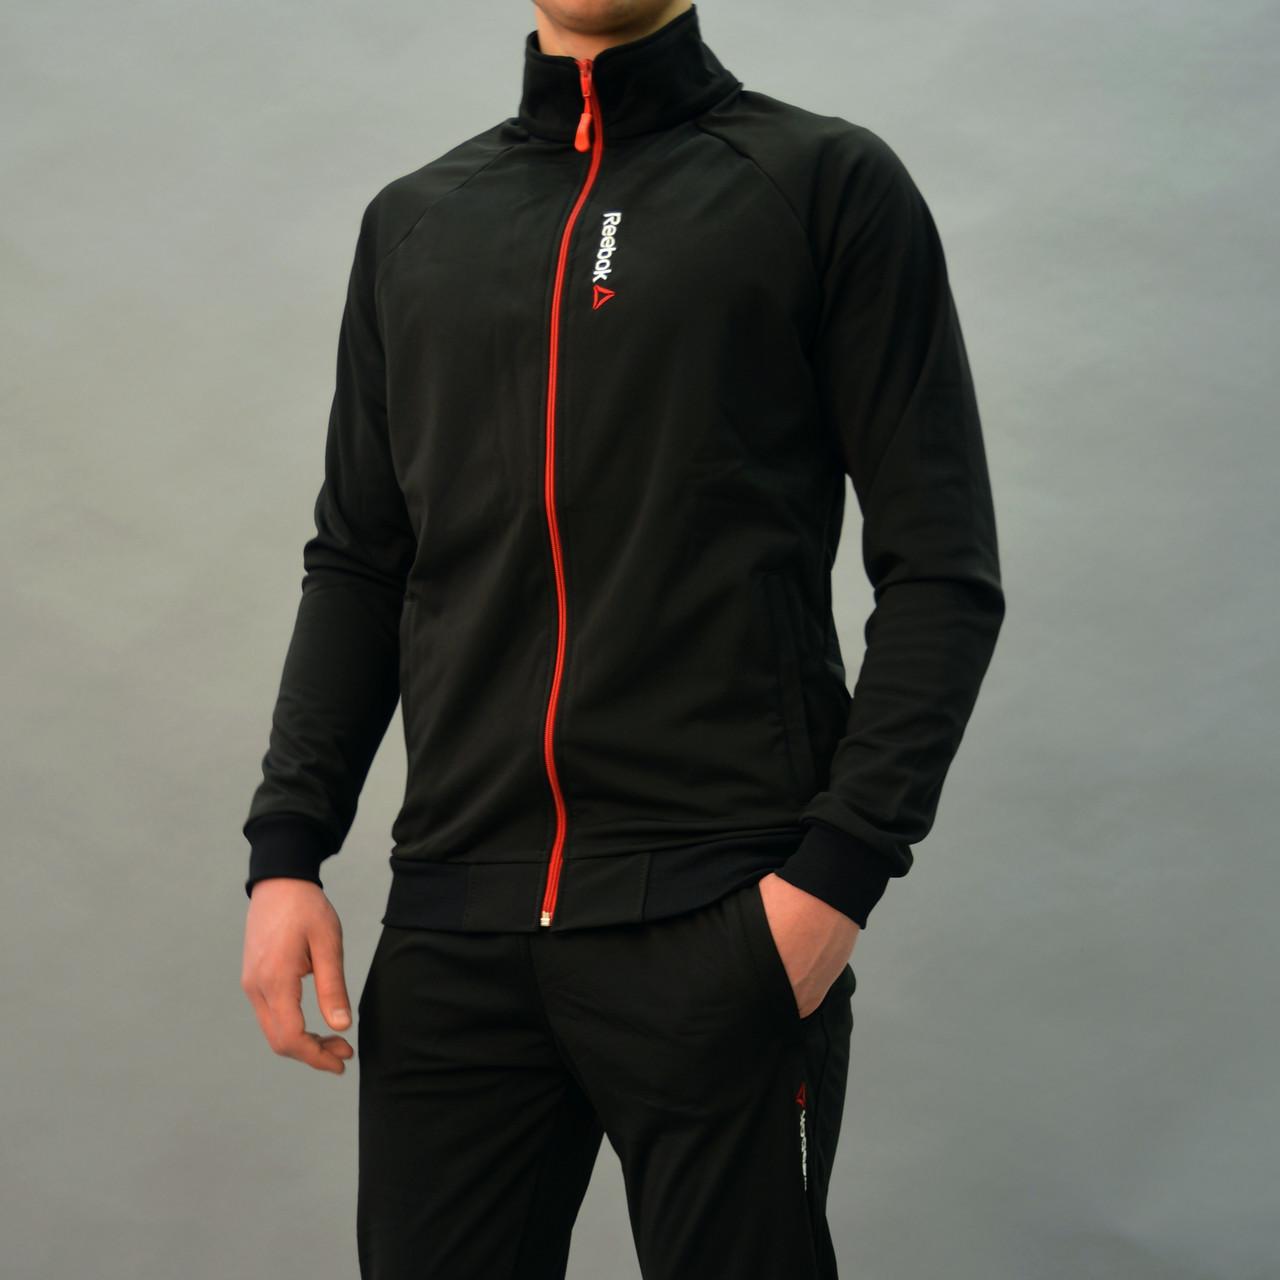 80c6c398 Размеры: 50,52. Черный мужской спортивный костюм Reebok (Рибок ...